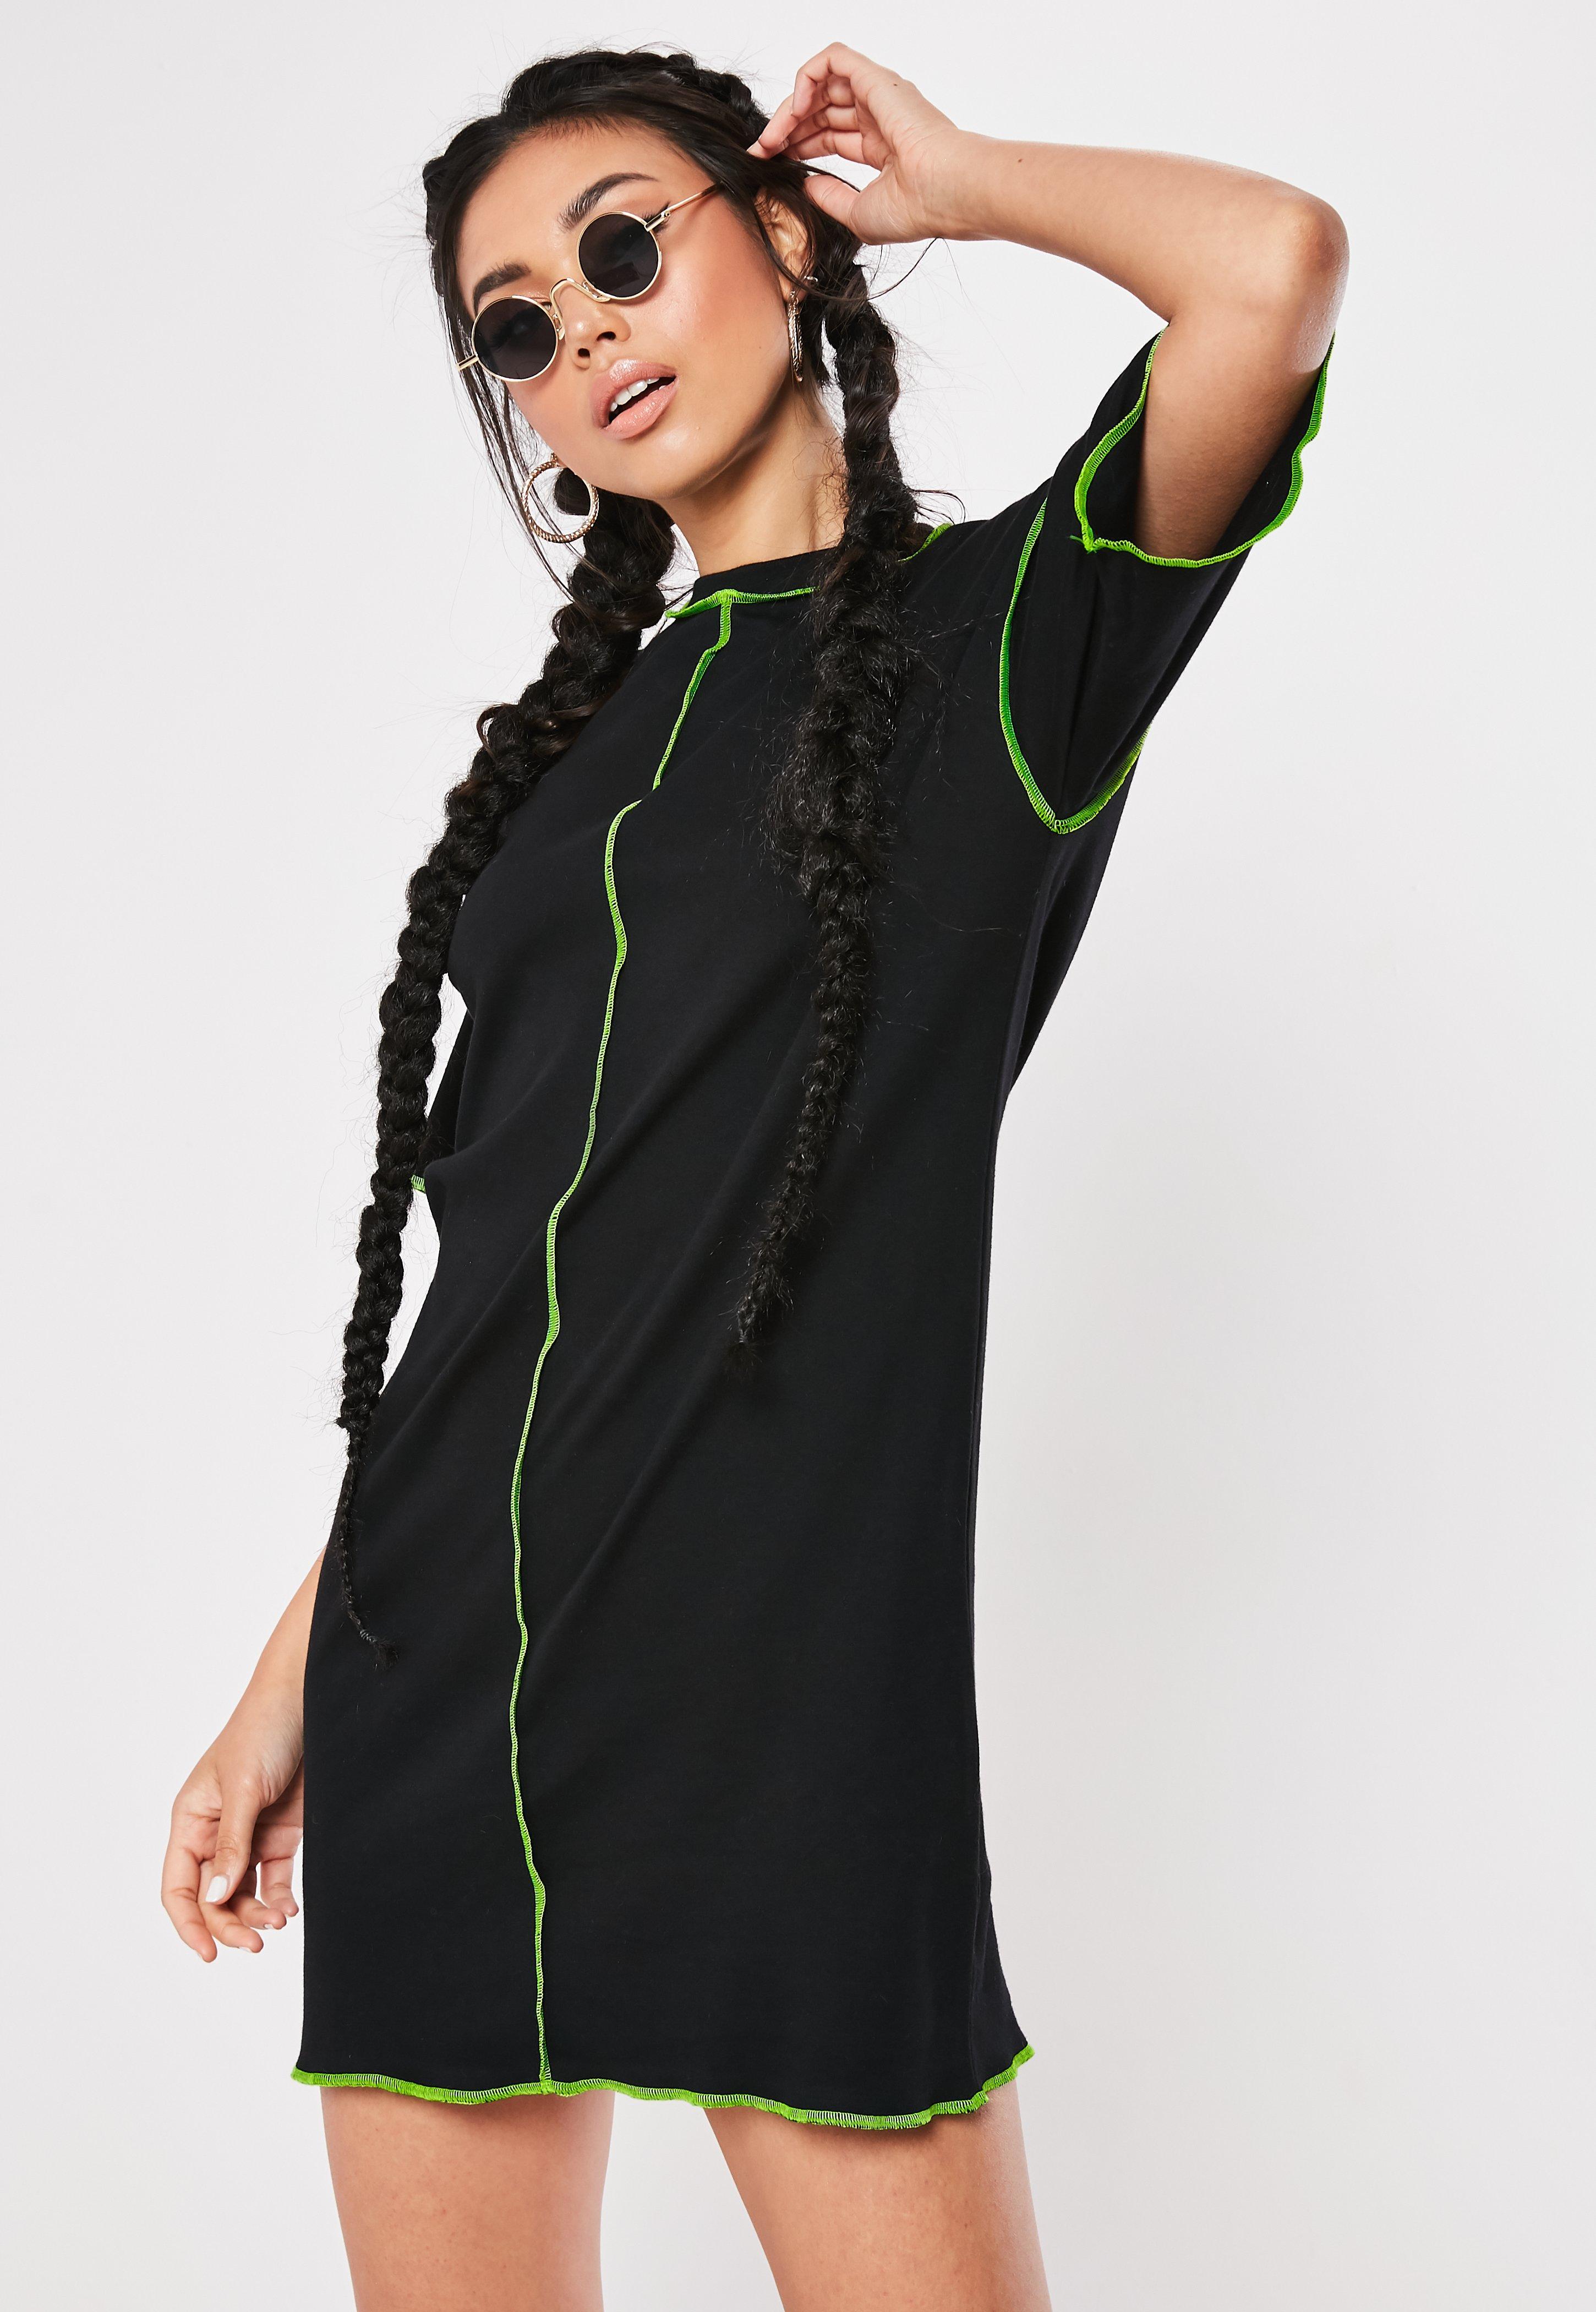 edcb8bc2765 T-Shirt Dresses